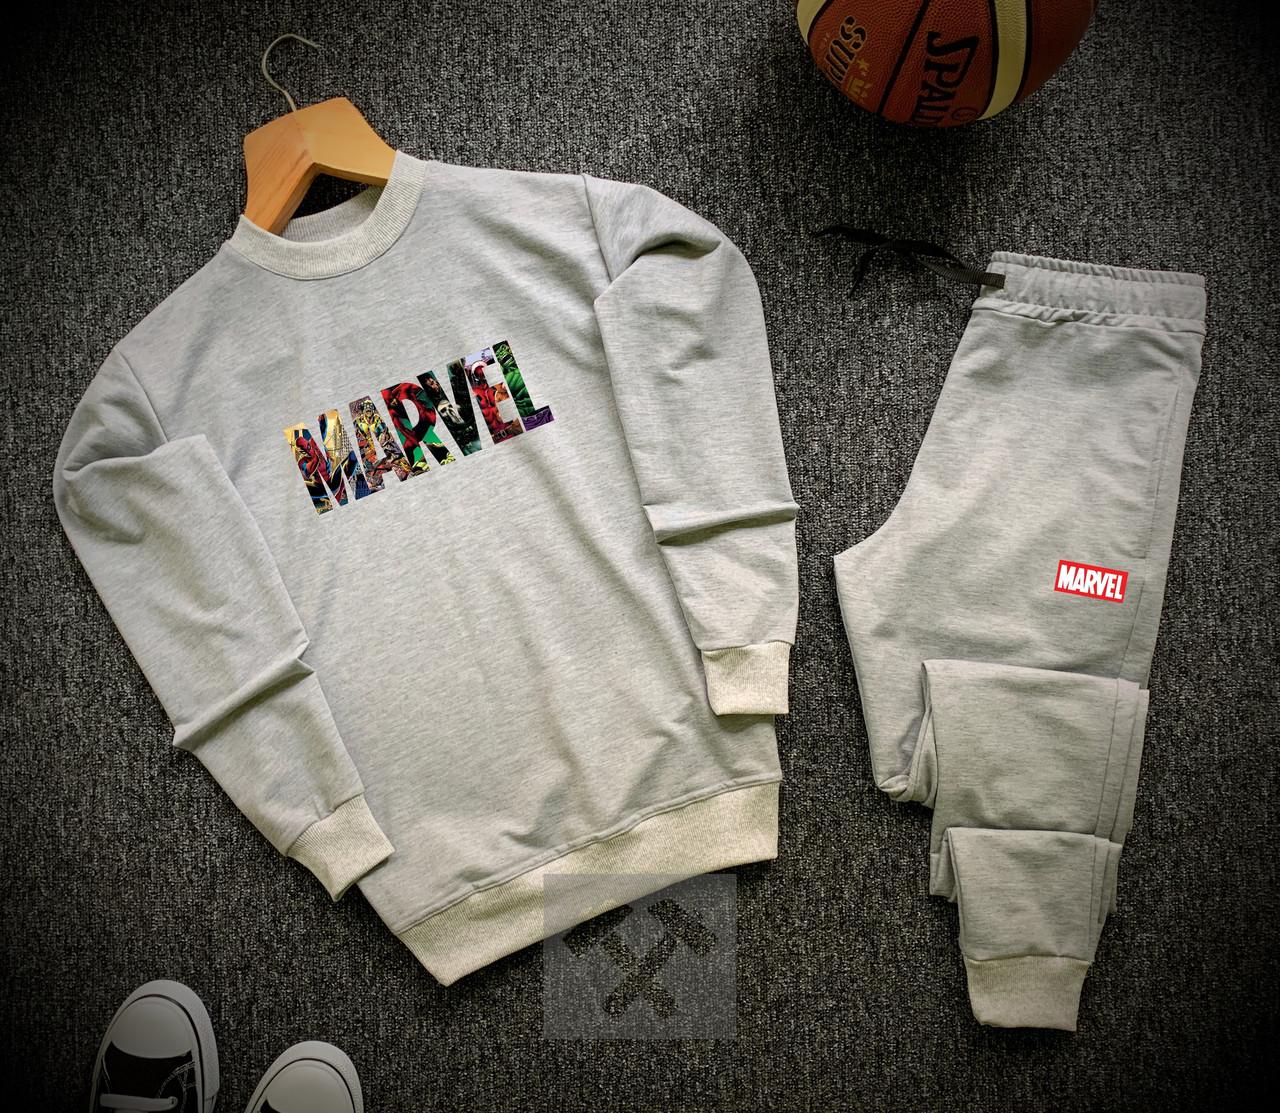 Спортивний костюм Marvel чоловічий сірий ЛЮКС якості